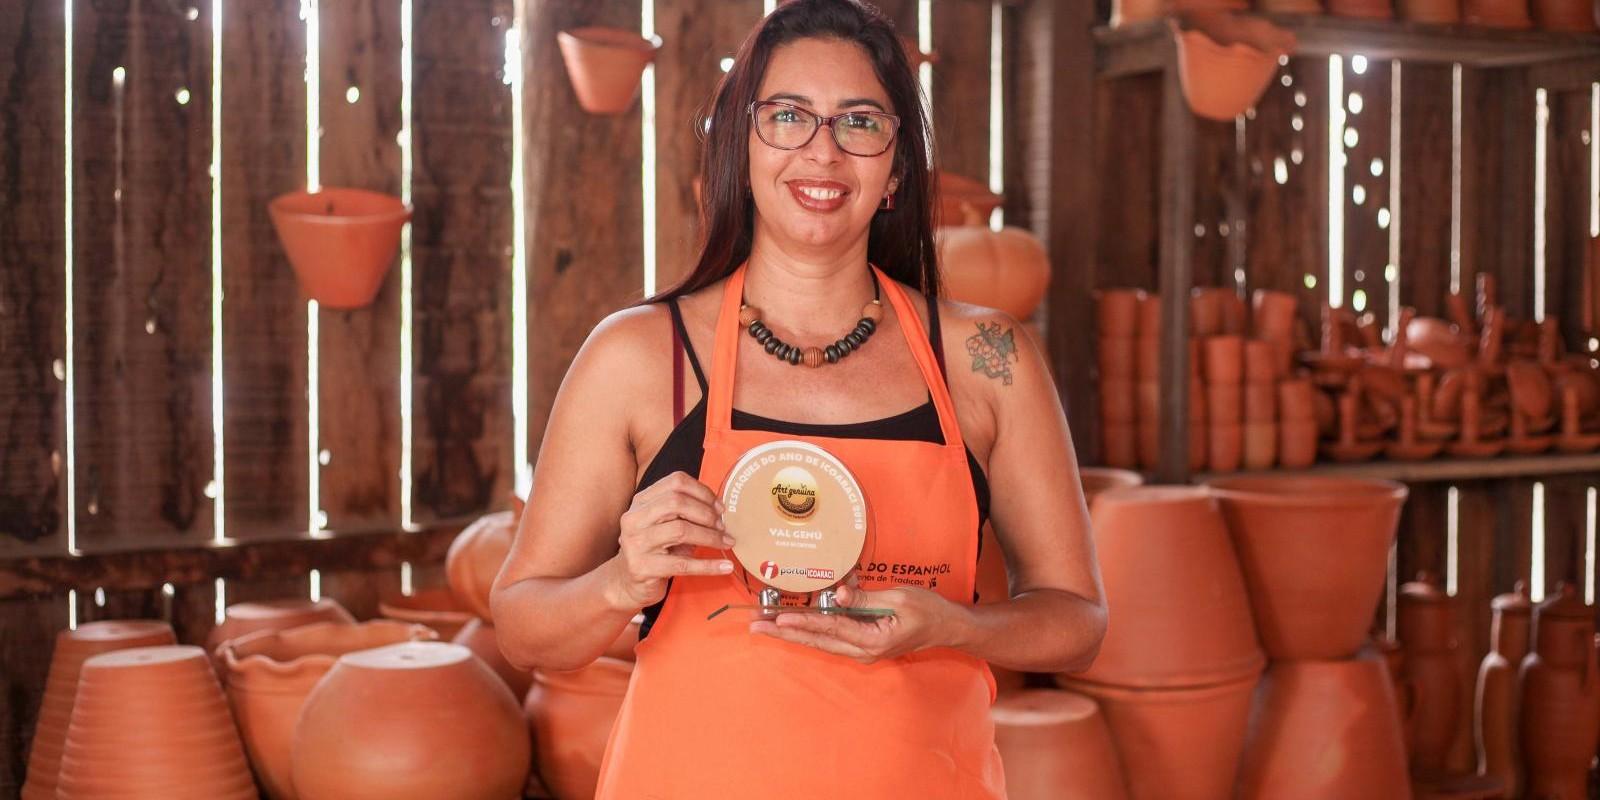 Val Genú - Eco Joias em cerâmica artística do Ano de Icoaraci